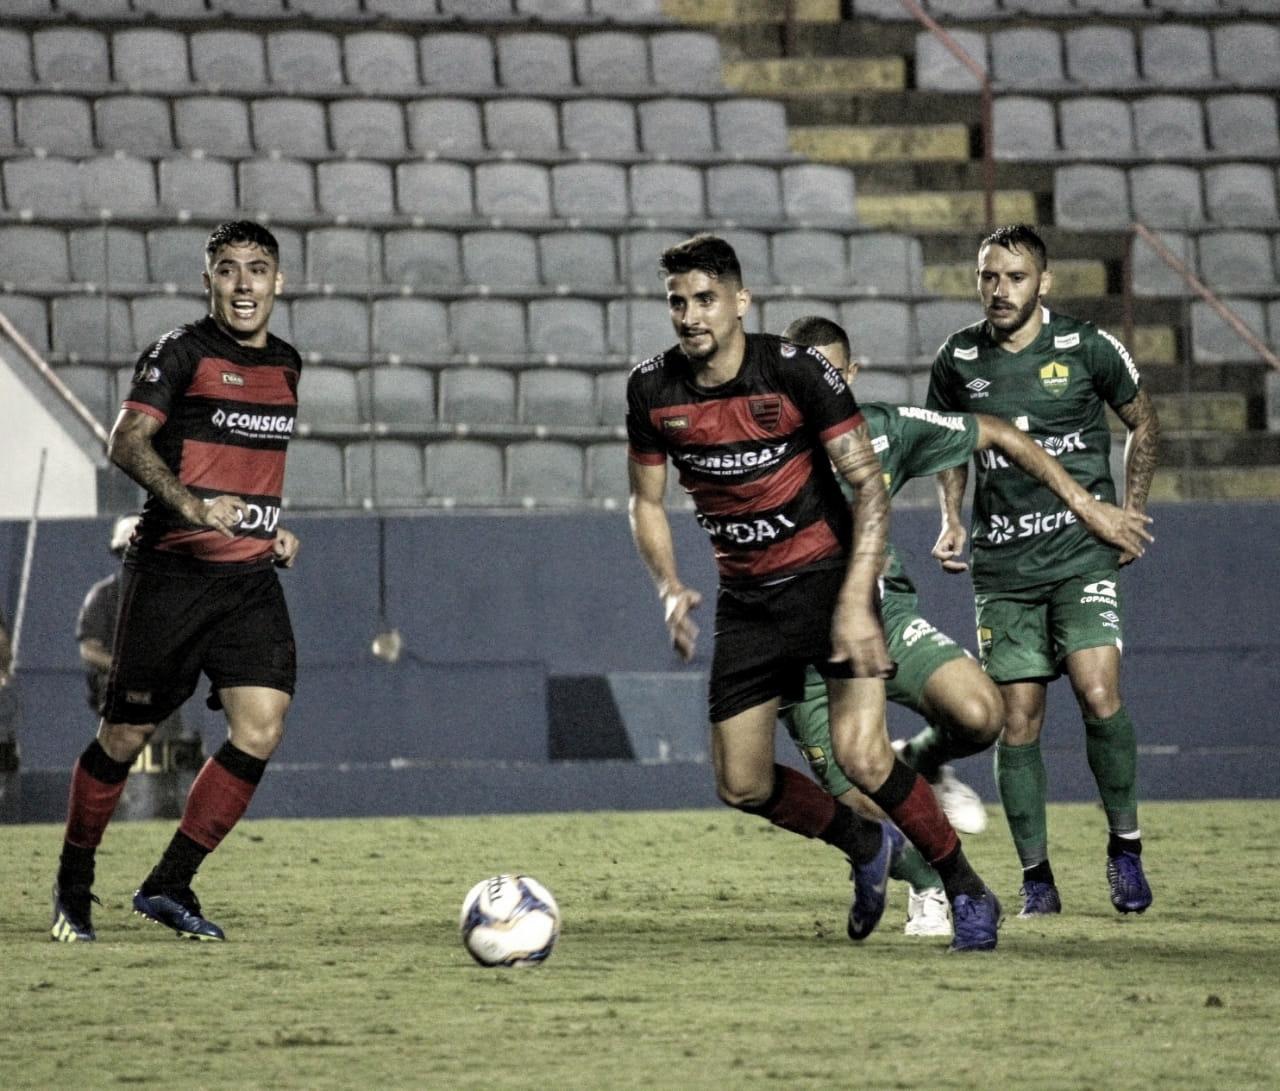 Oeste começa mal, mas arranca empate com Cuiabá na Série B